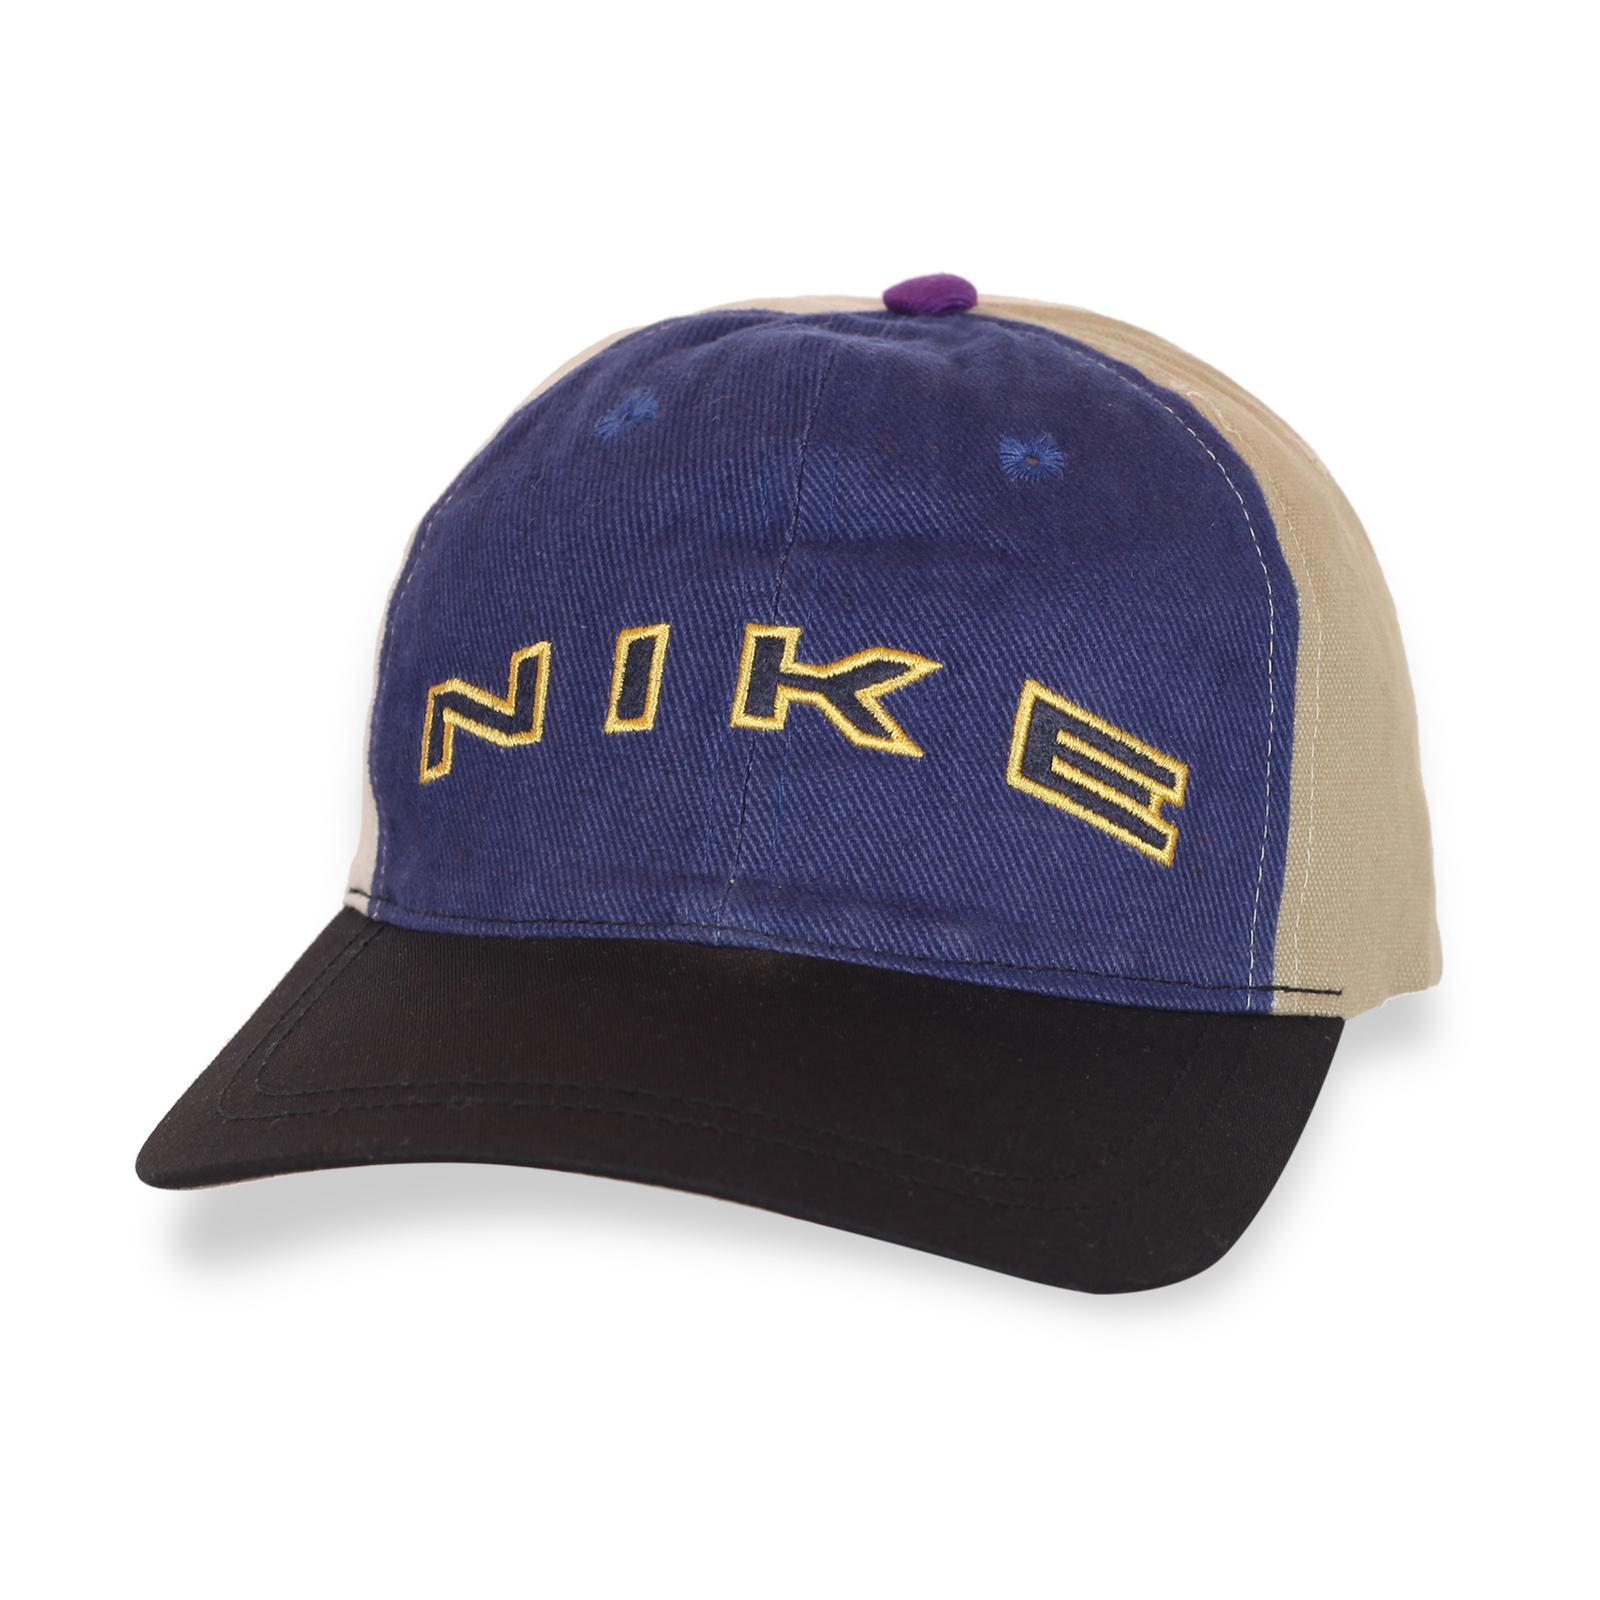 Трехцветная стильная кепка